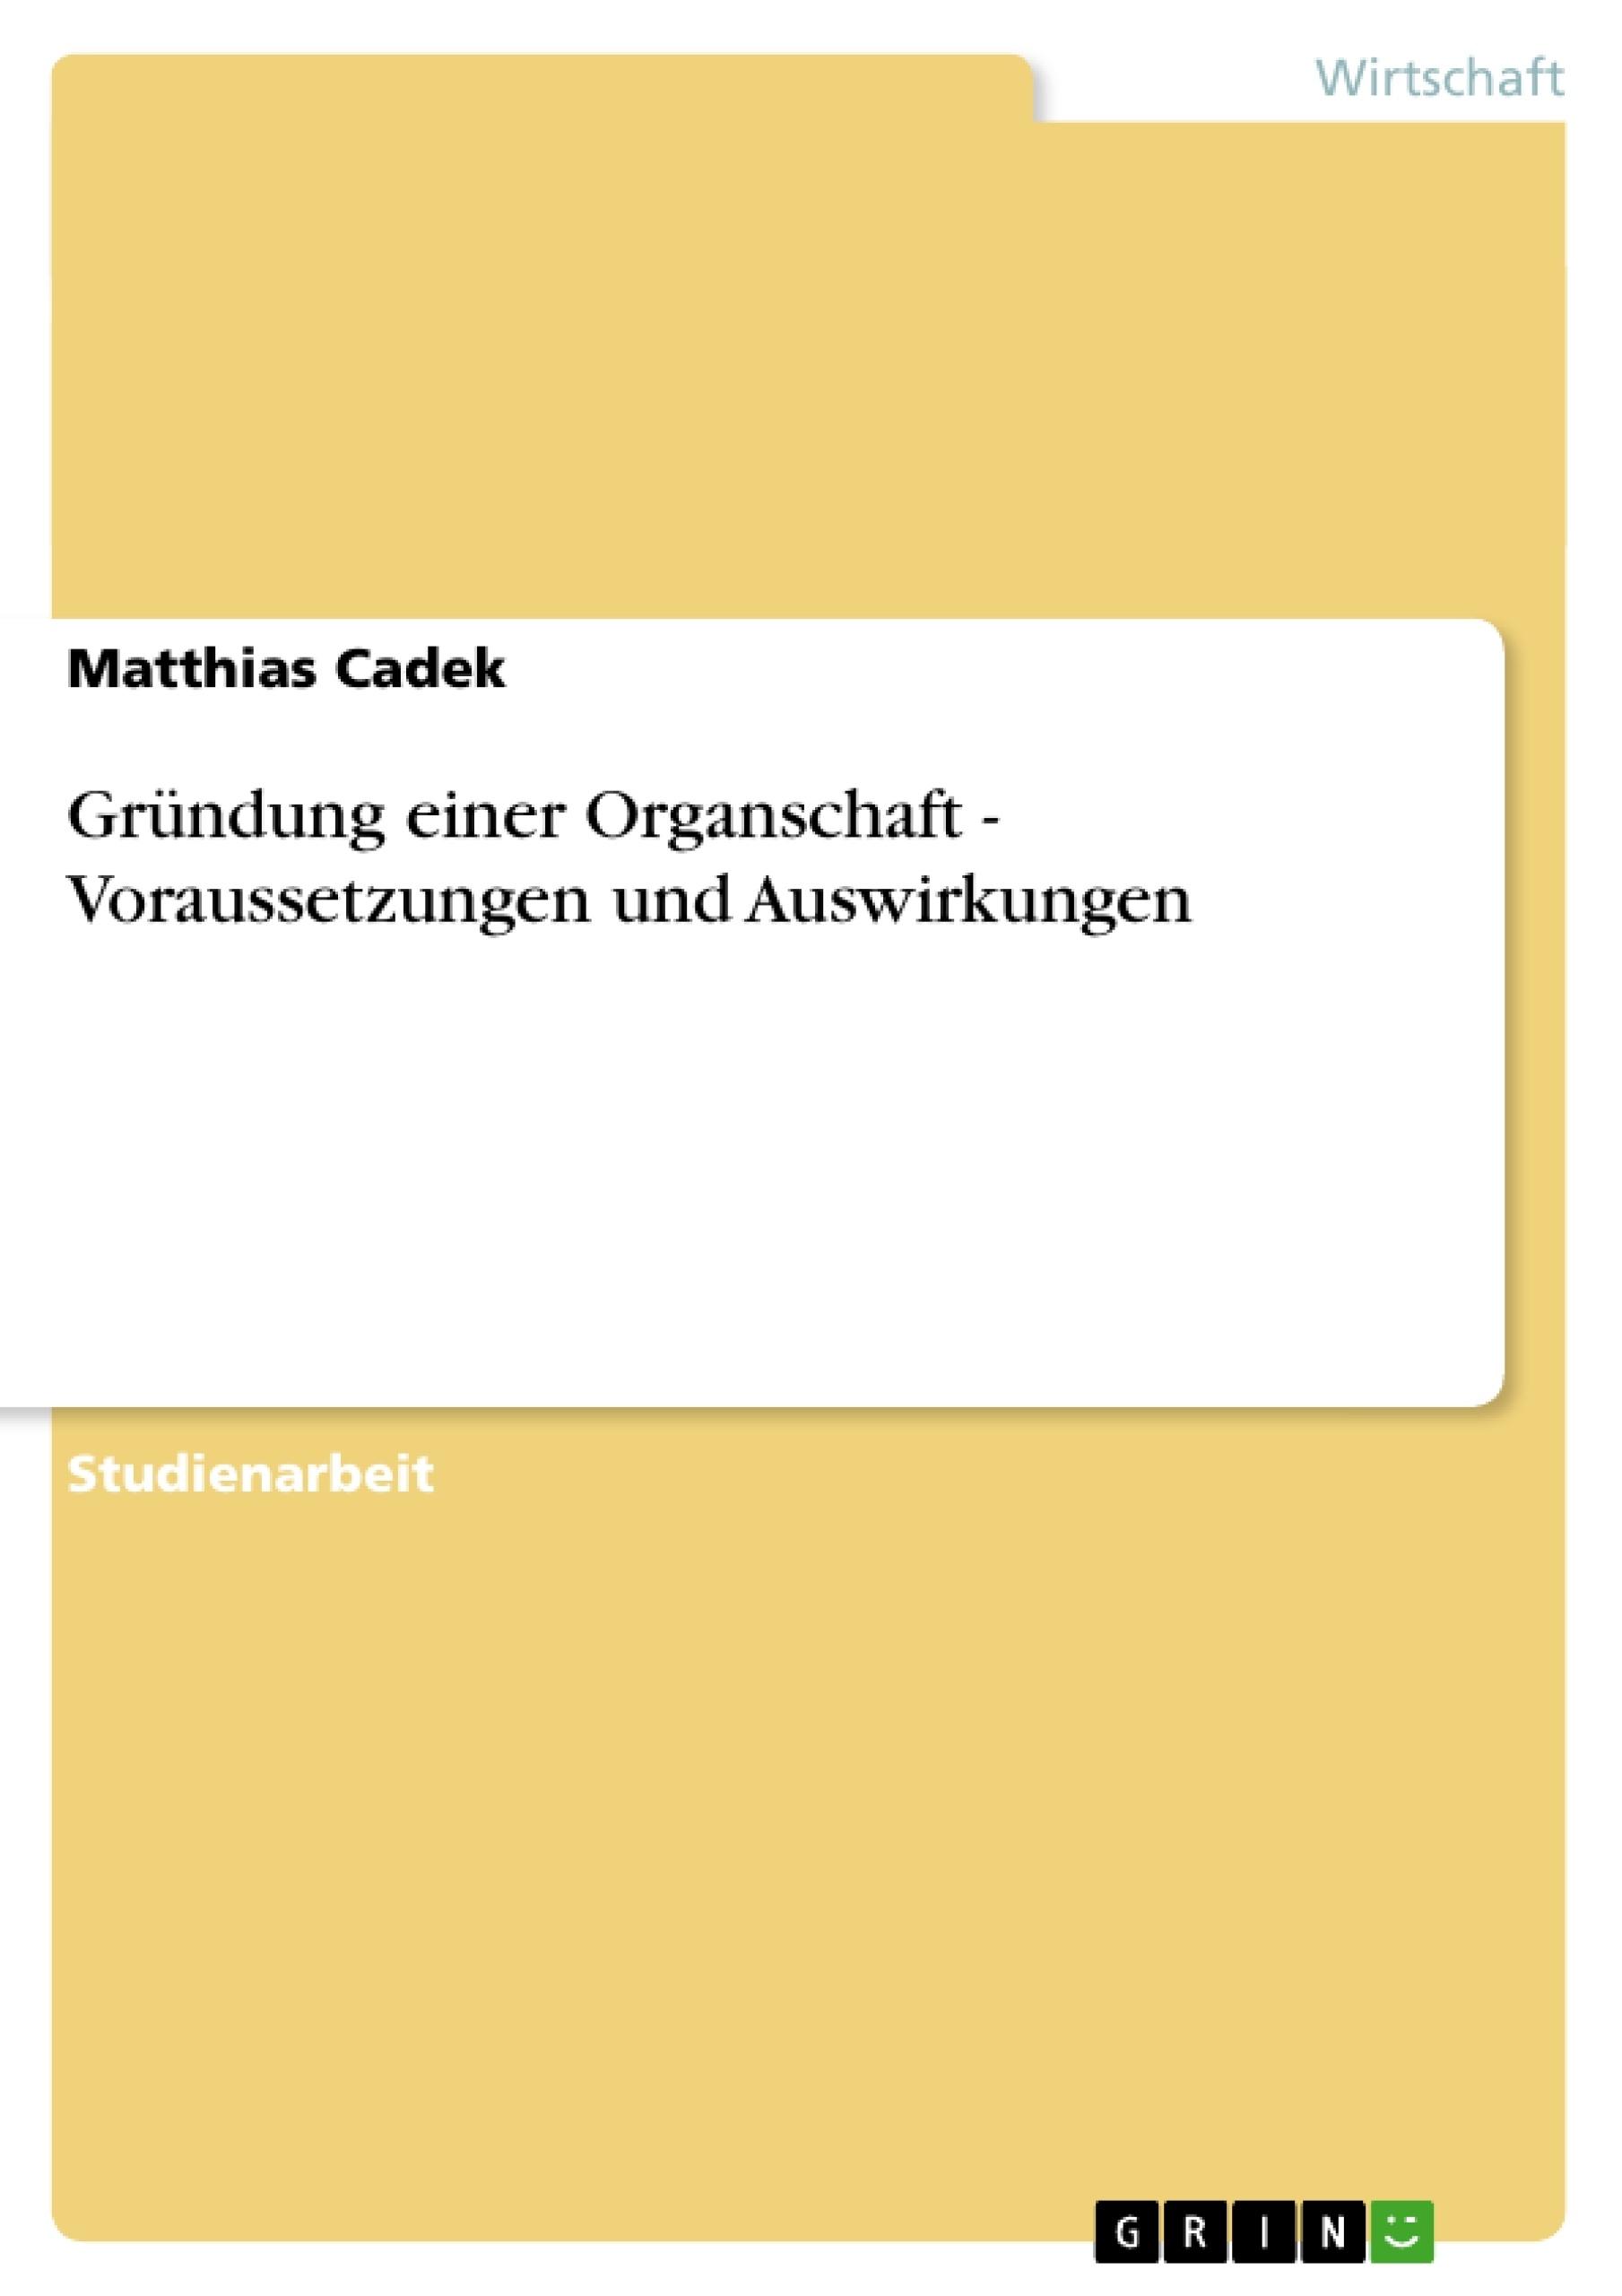 Titel: Gründung einer Organschaft - Voraussetzungen und Auswirkungen